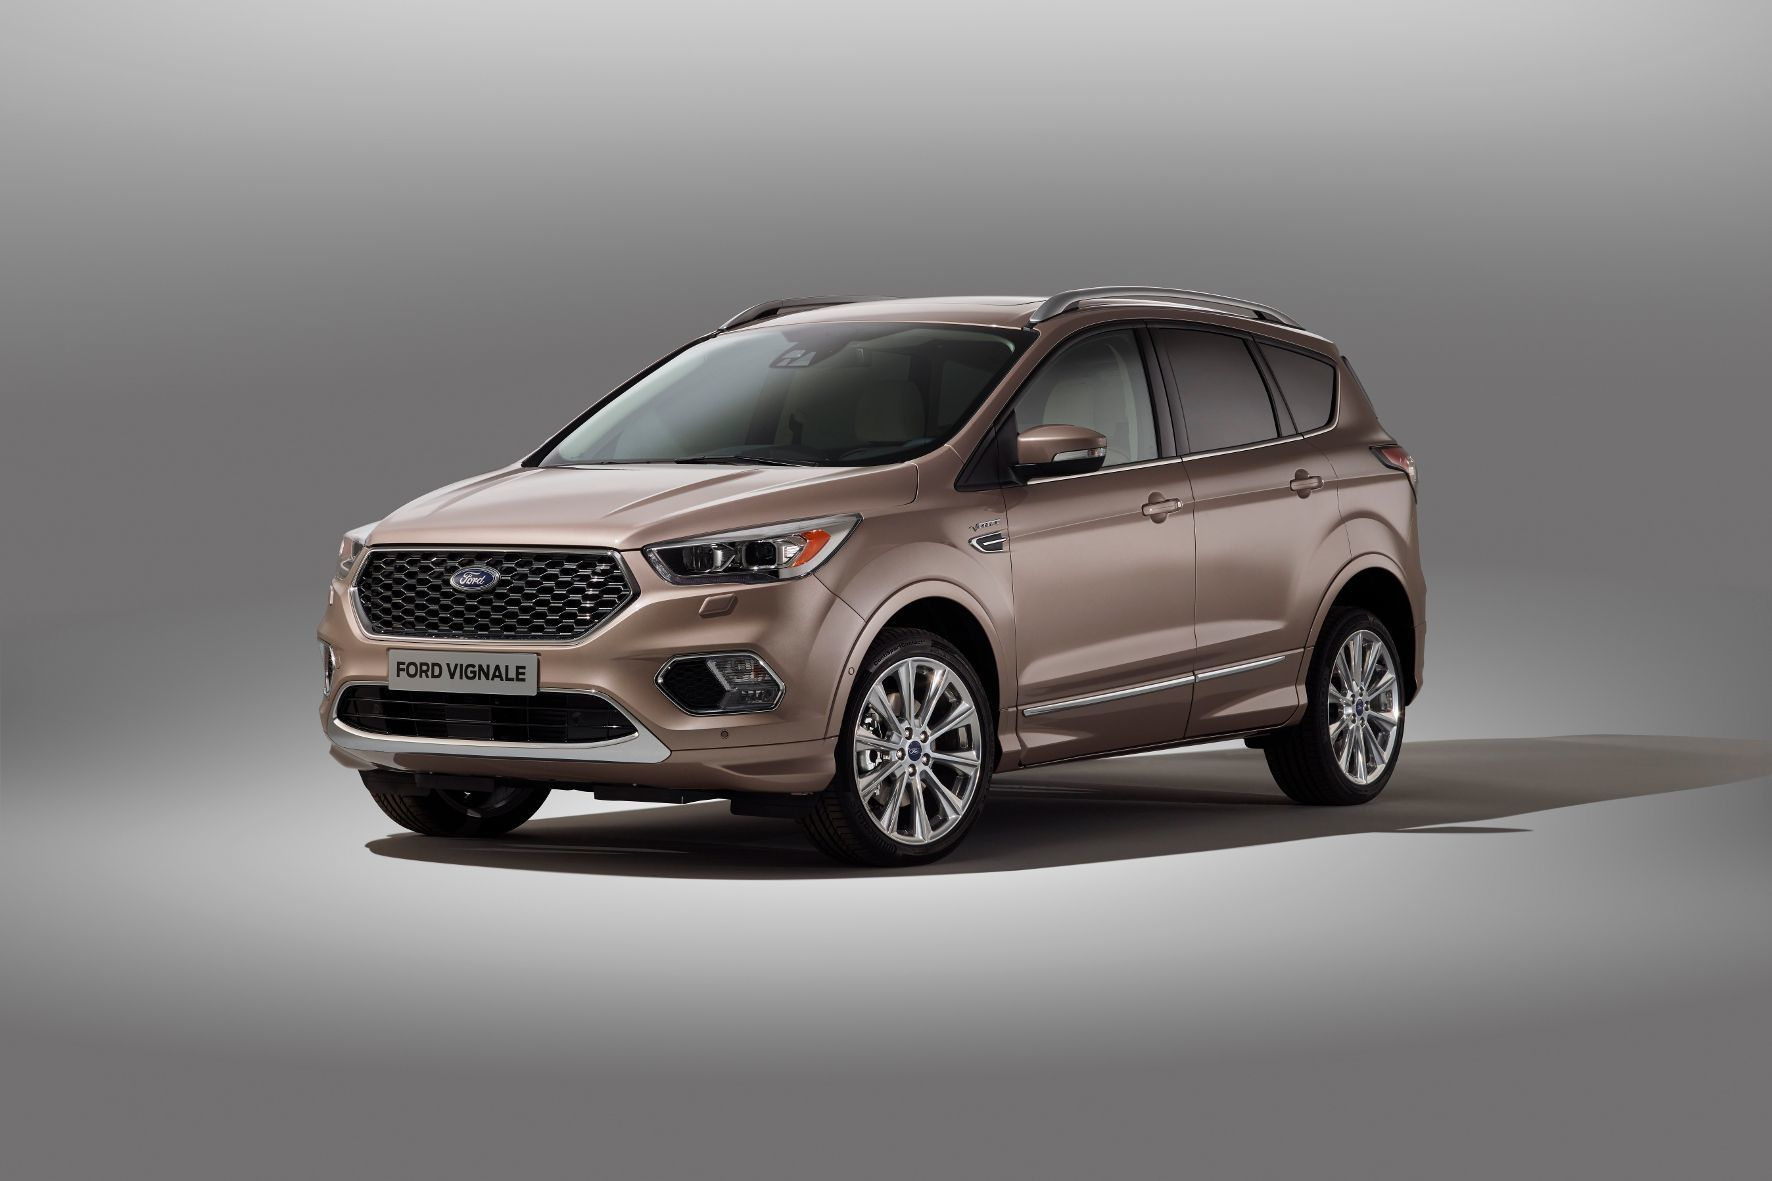 mid Groß-Gerau - Den Anfang 2017 startenden, neuen Kuga legt Ford auch als Luxus-Variante Vignale auf.